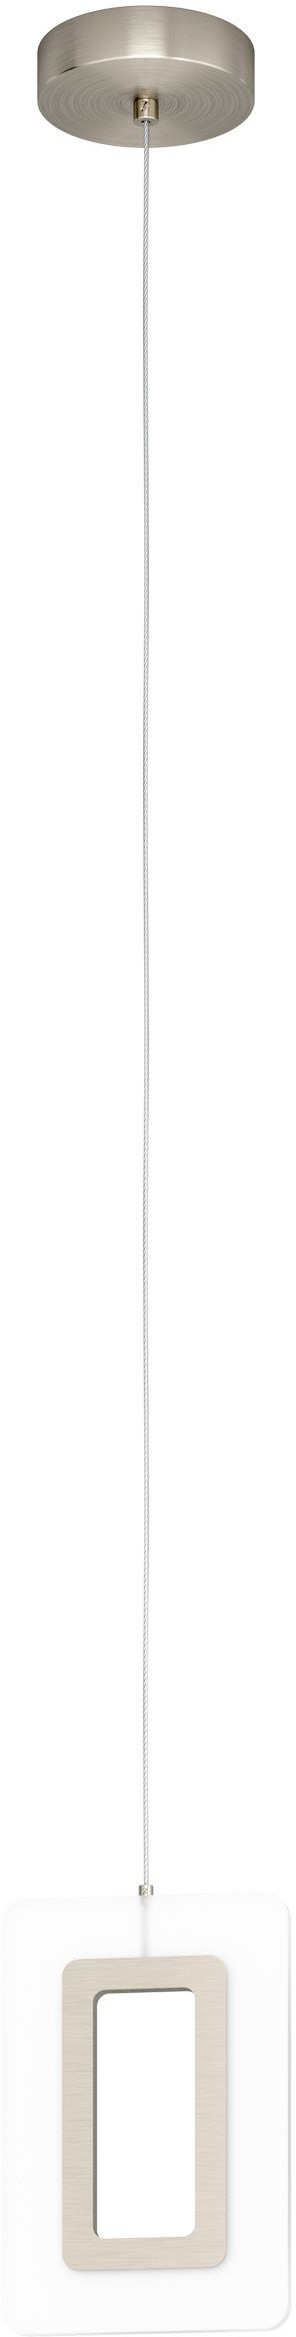 Led hanglamp enaluri 1x 5,4w l140 wit/nik.mat - nikkel-mat Eglo Hanglamp 98678-EGLO